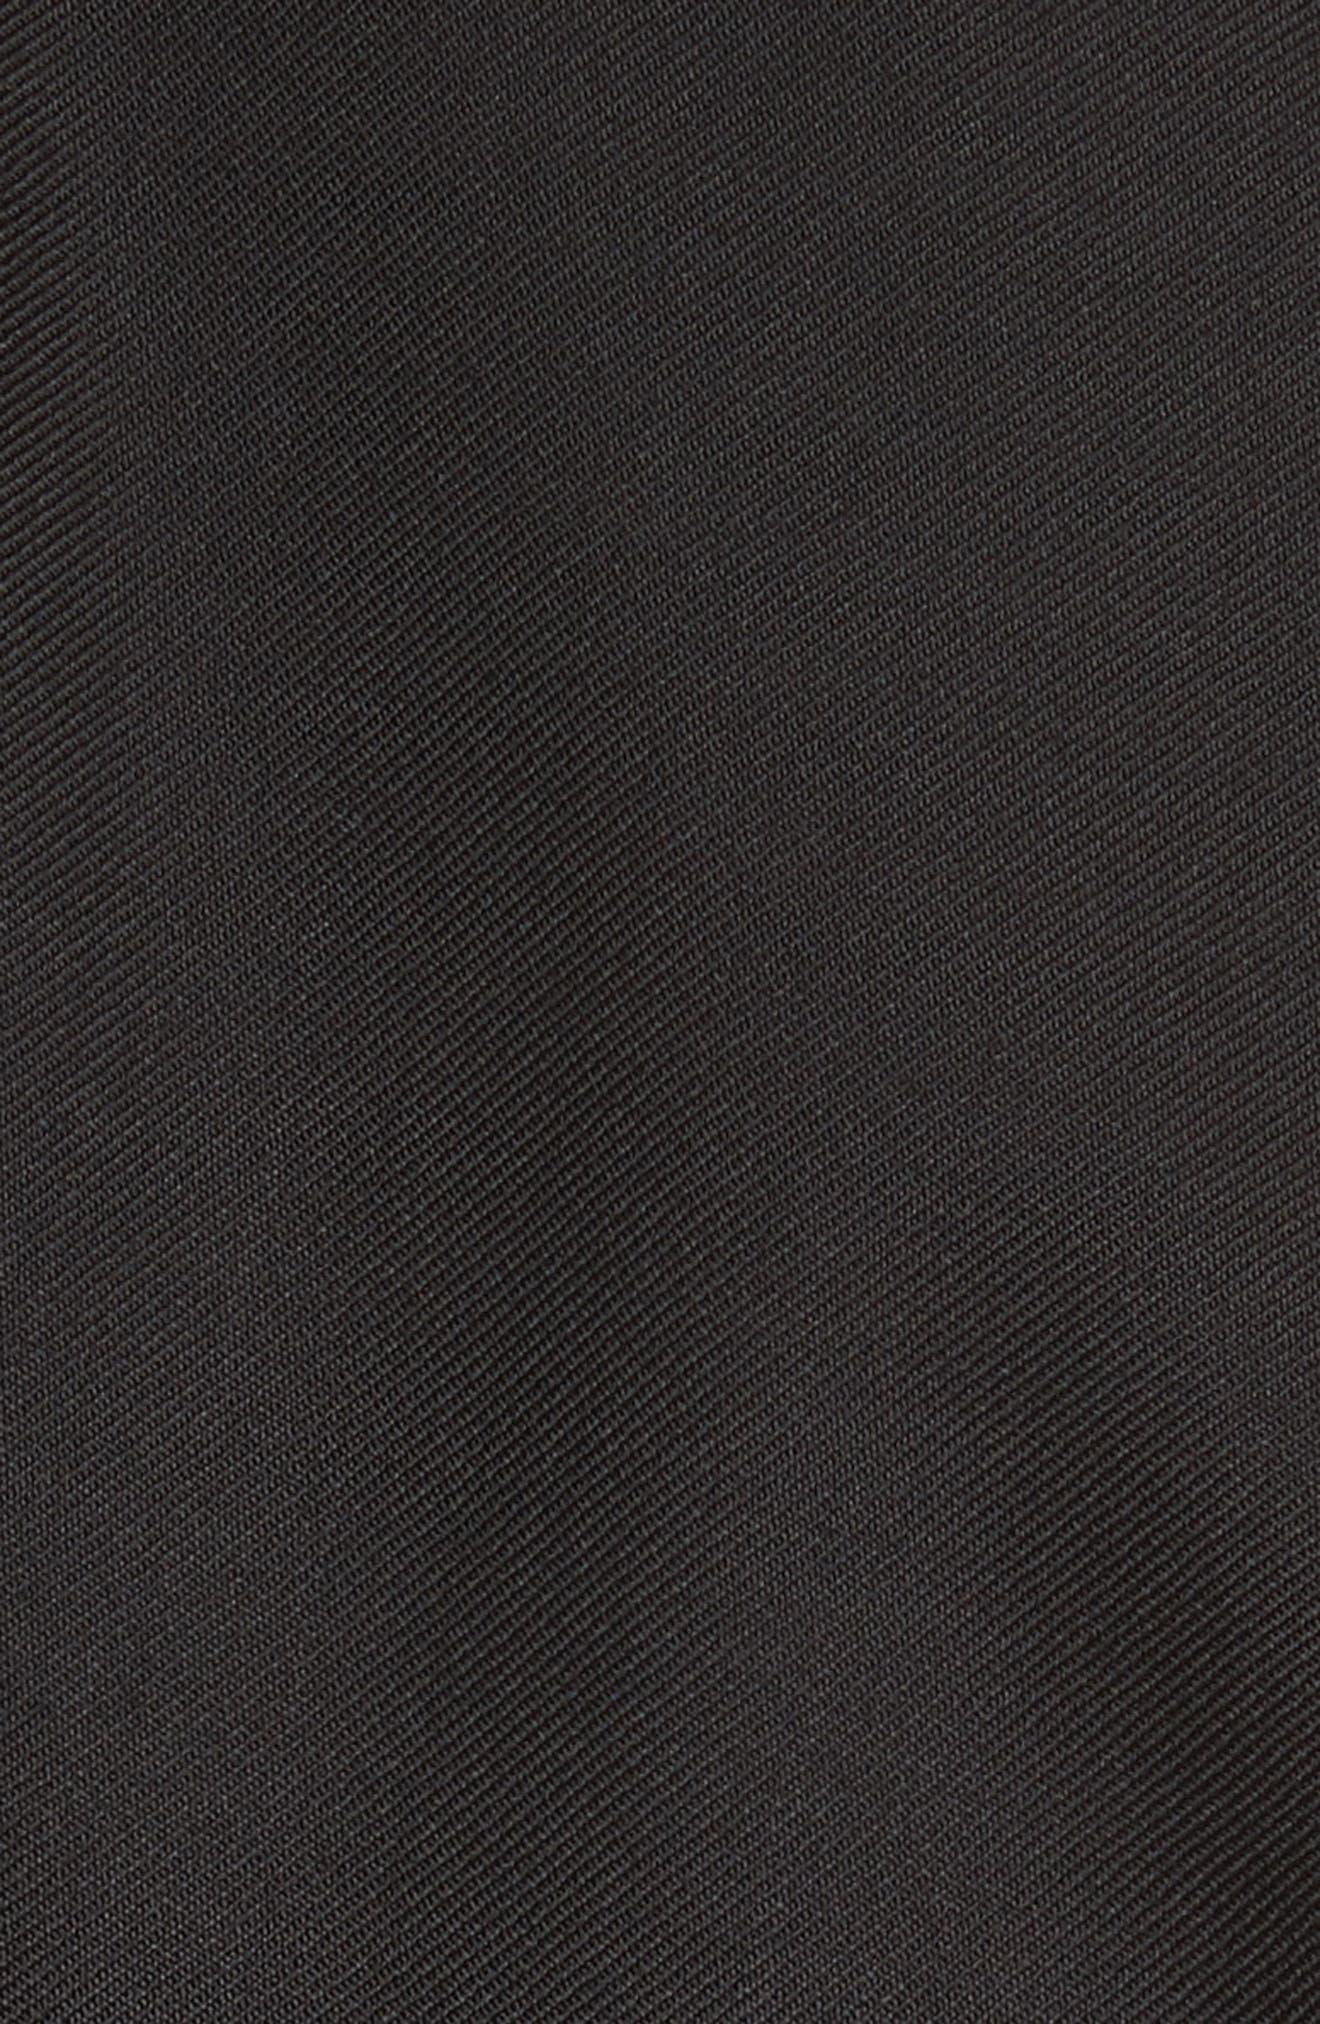 Expandable Jacket,                             Alternate thumbnail 5, color,                             Black